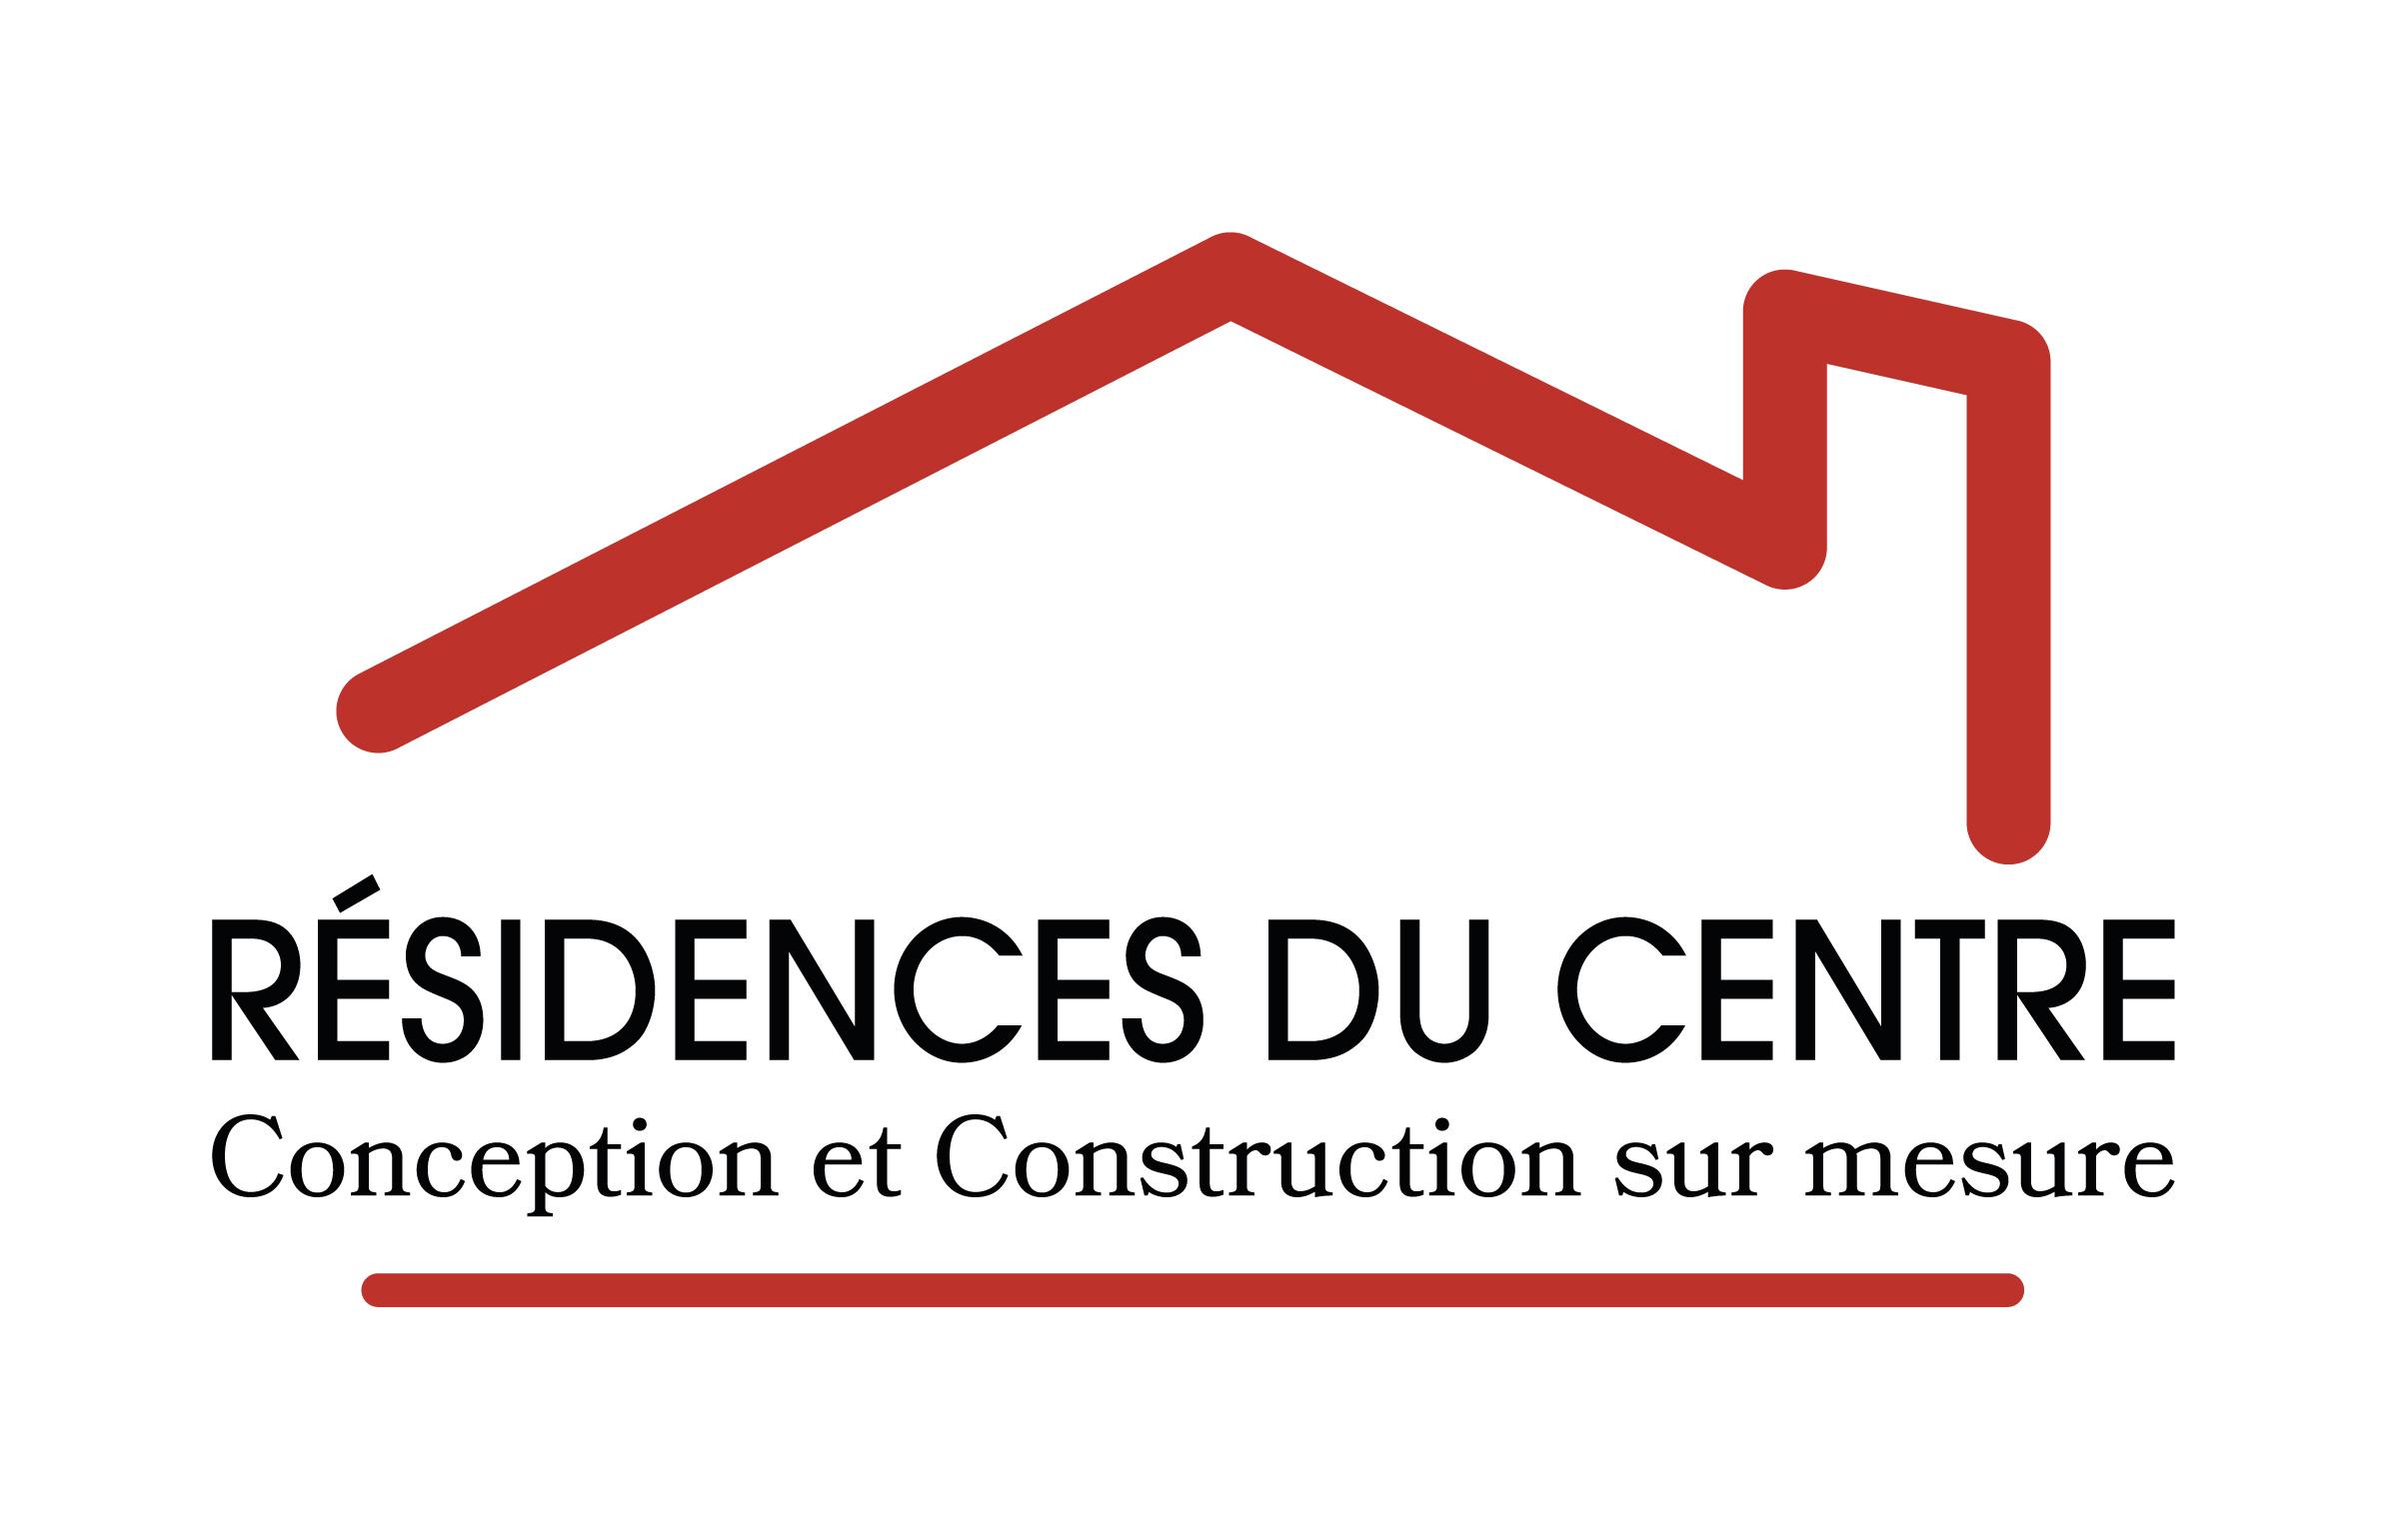 Résidences du Centre, maison, investissement, immobilier